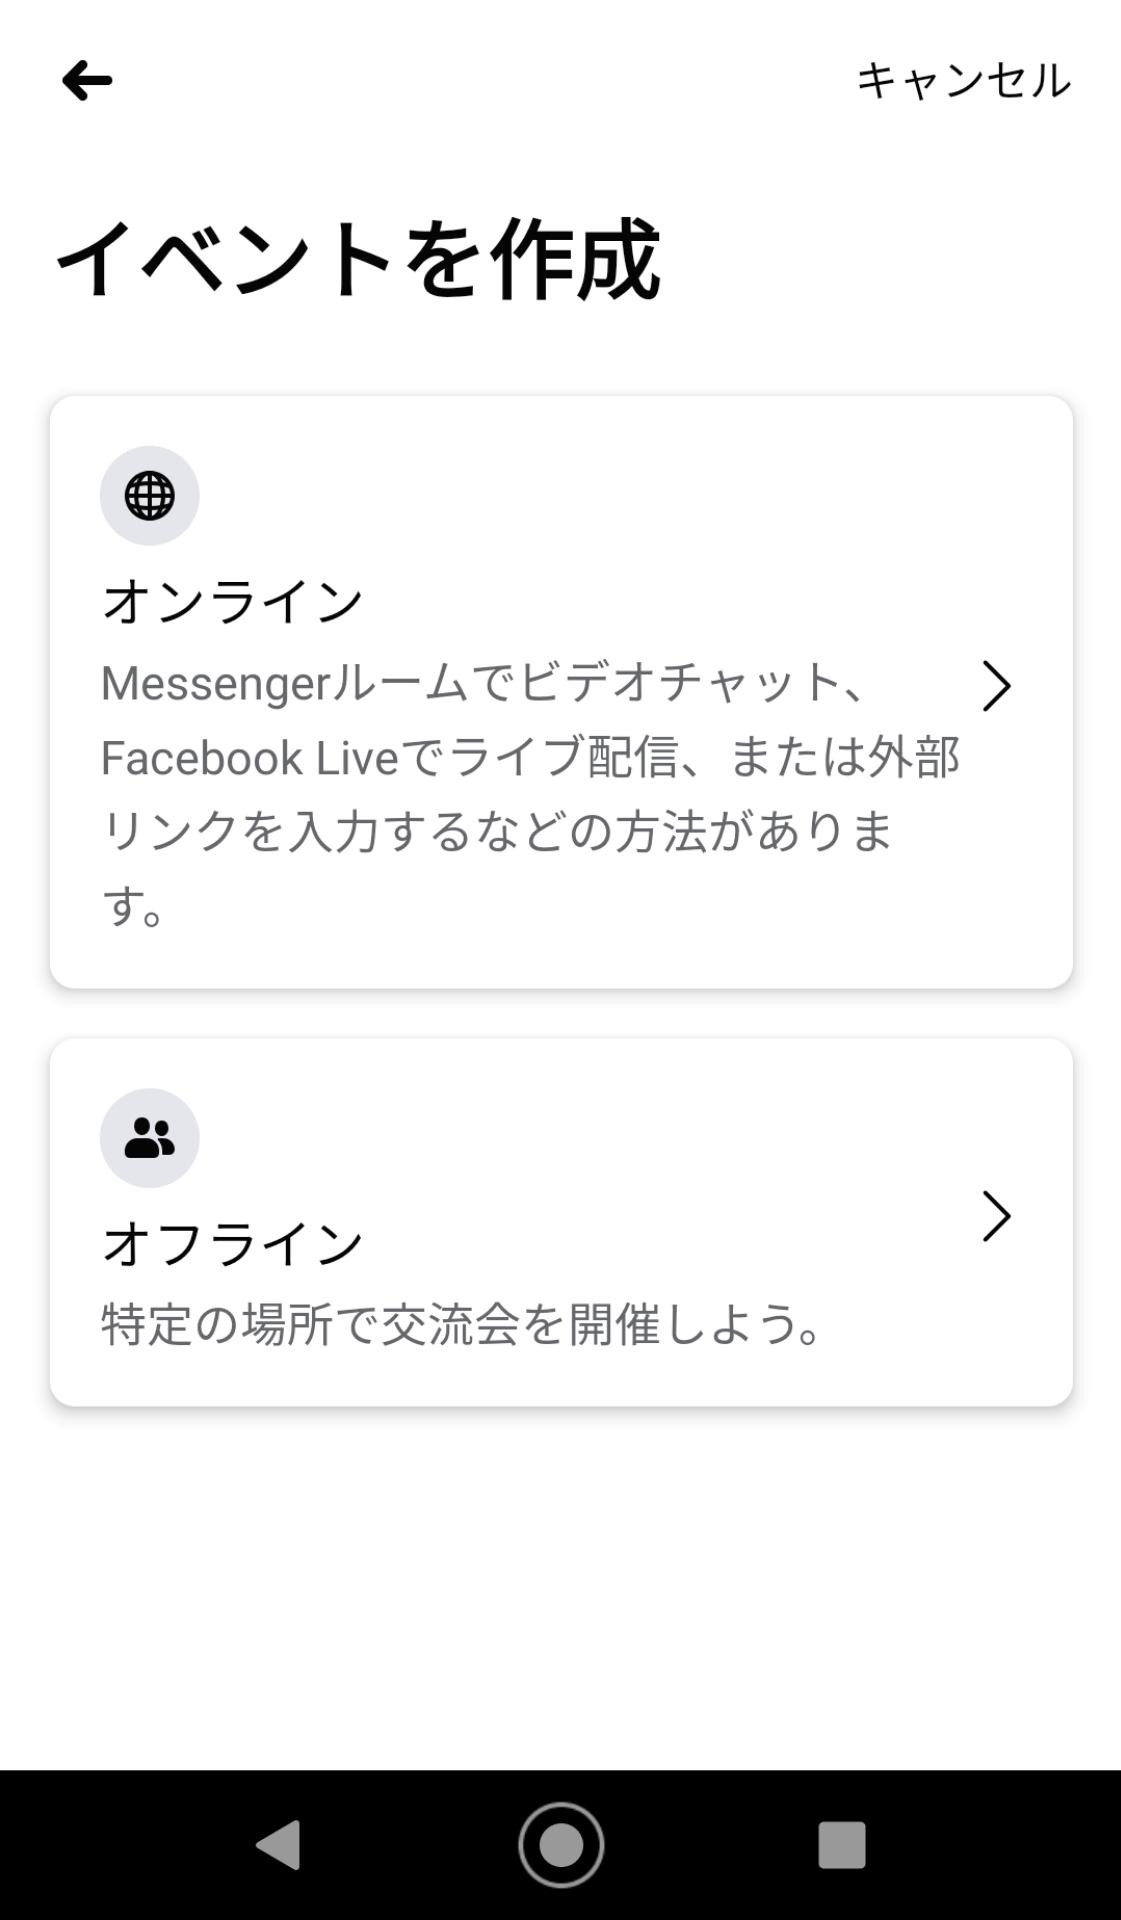 Facebook イベント オンライン オフライン 選択